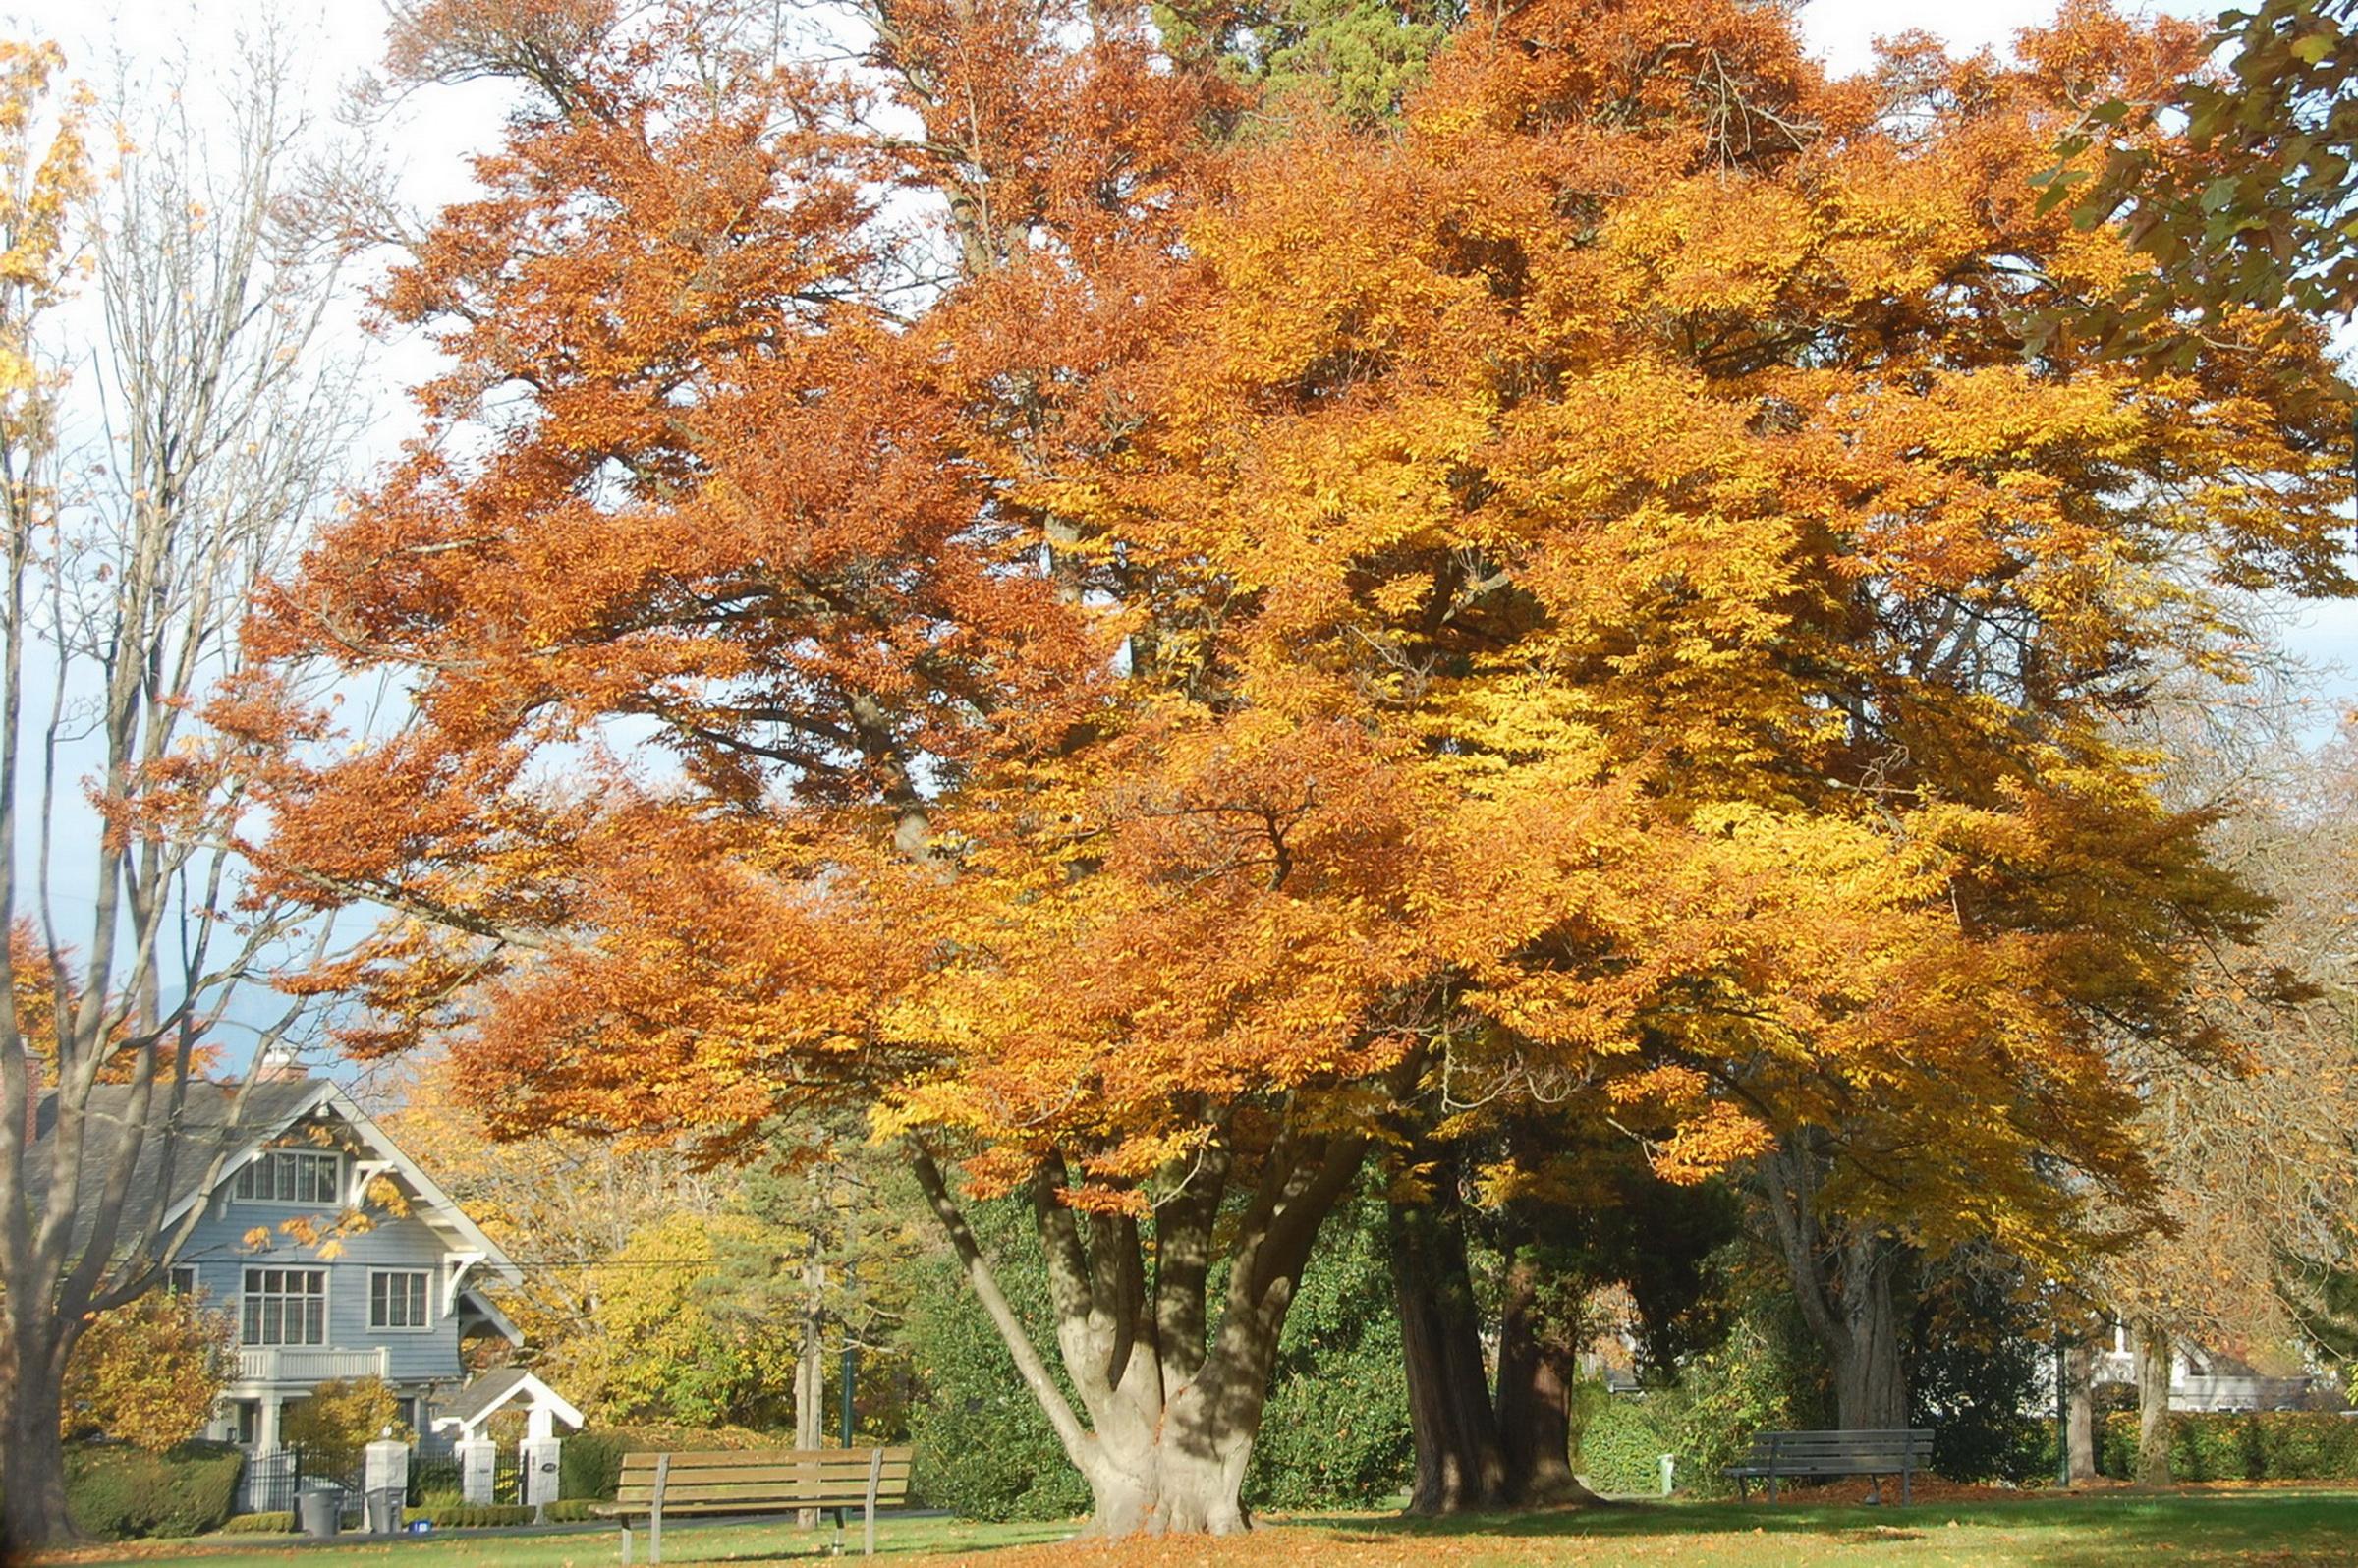 溫市豪宅區秋色街樹導覽